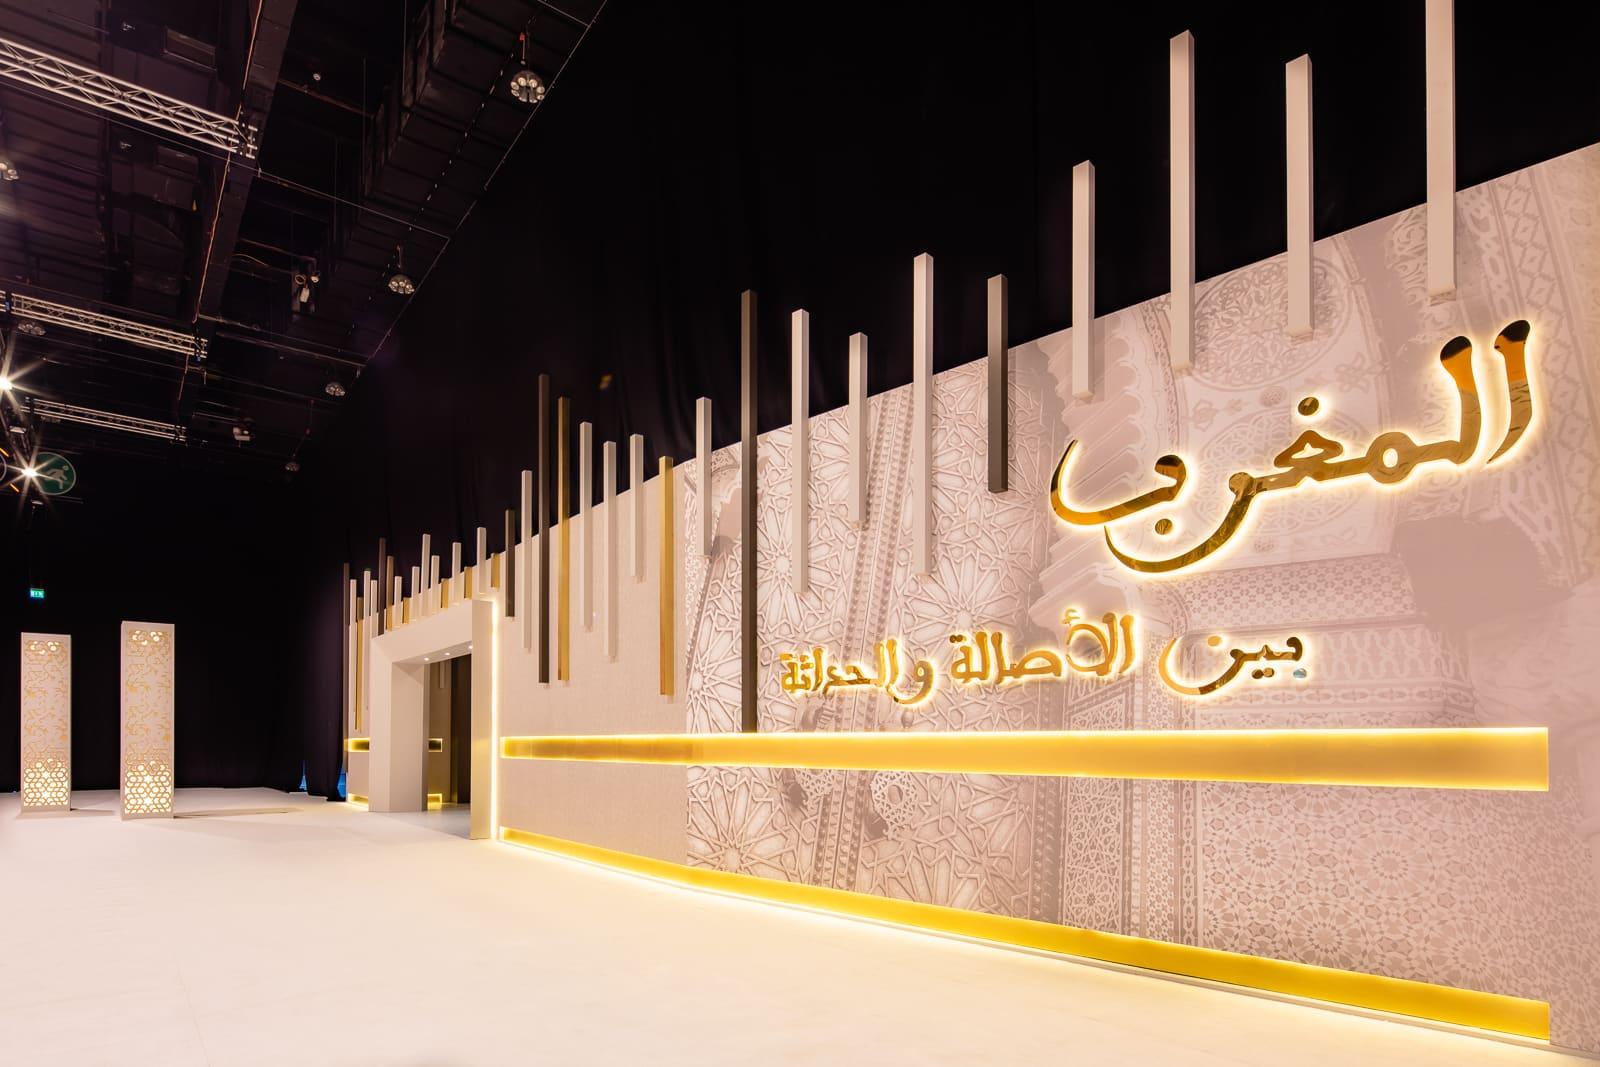 MOROCO IN ABU DHABI